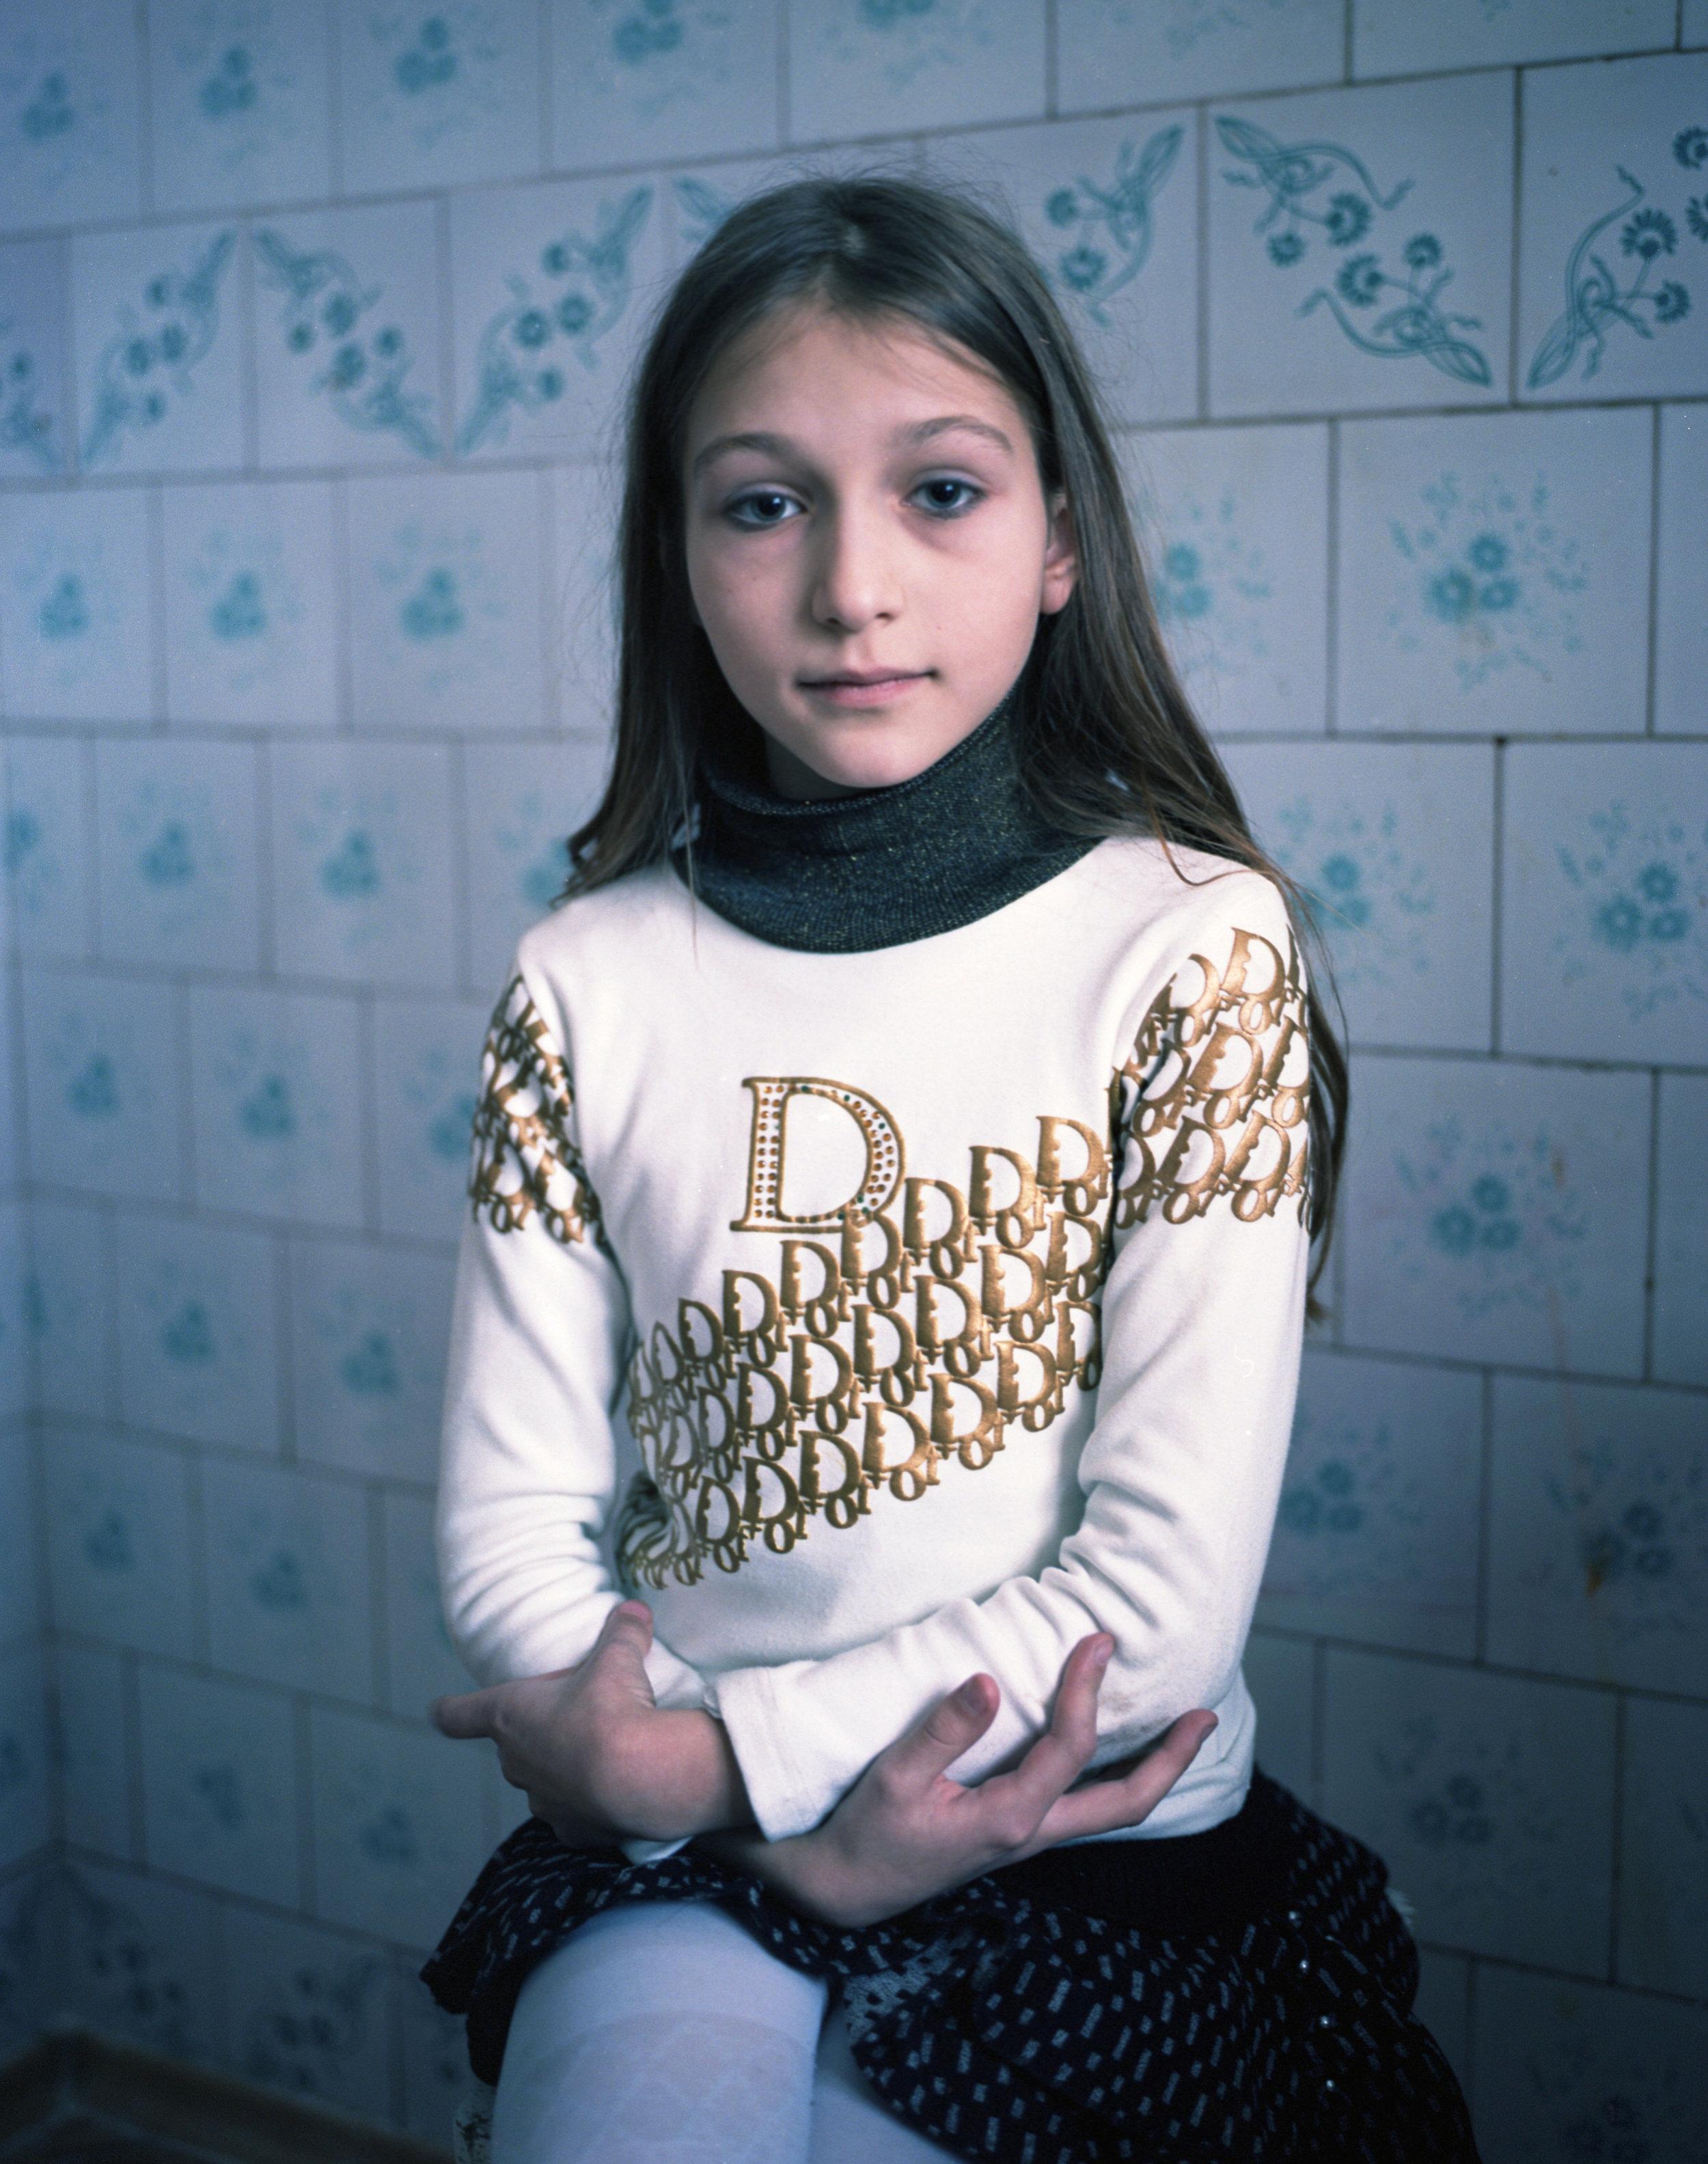 agonzalez_ukraine_158.jpg